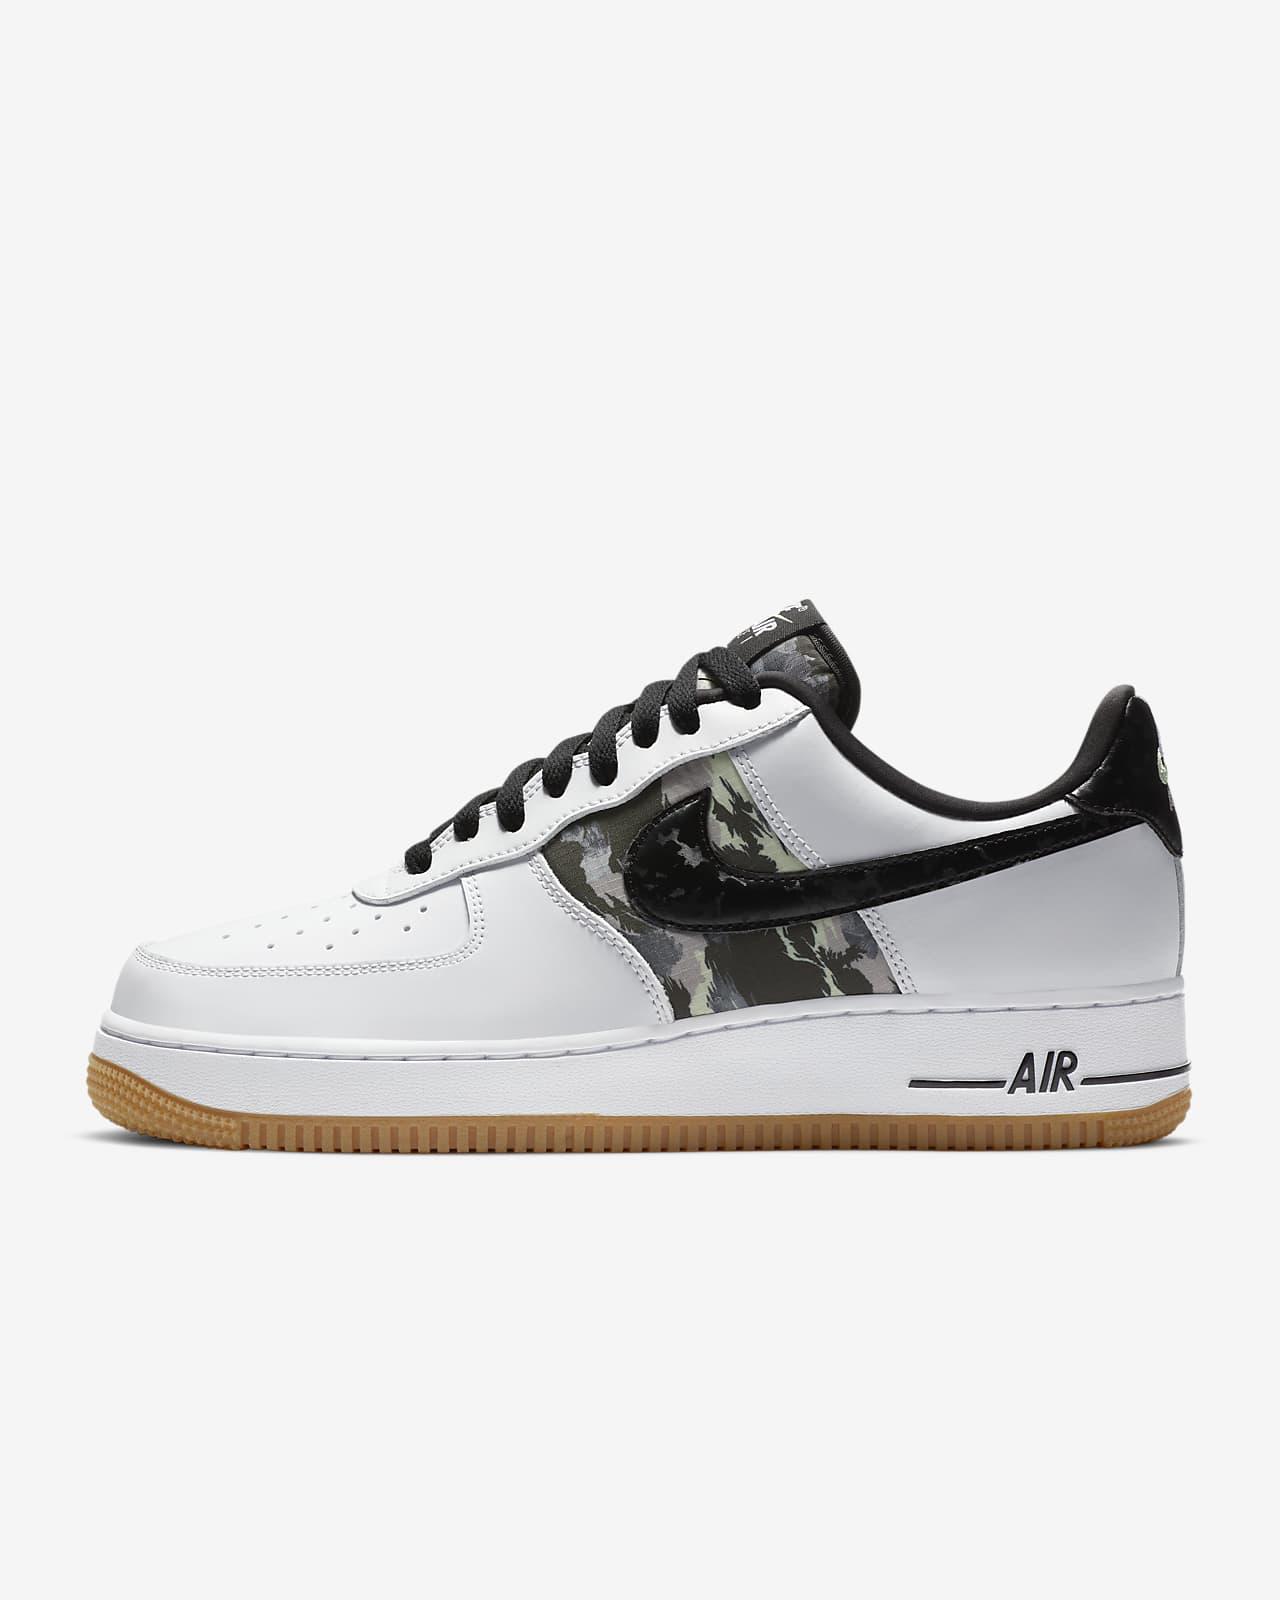 Air Force 1 '07 LV8 3 男子运动鞋